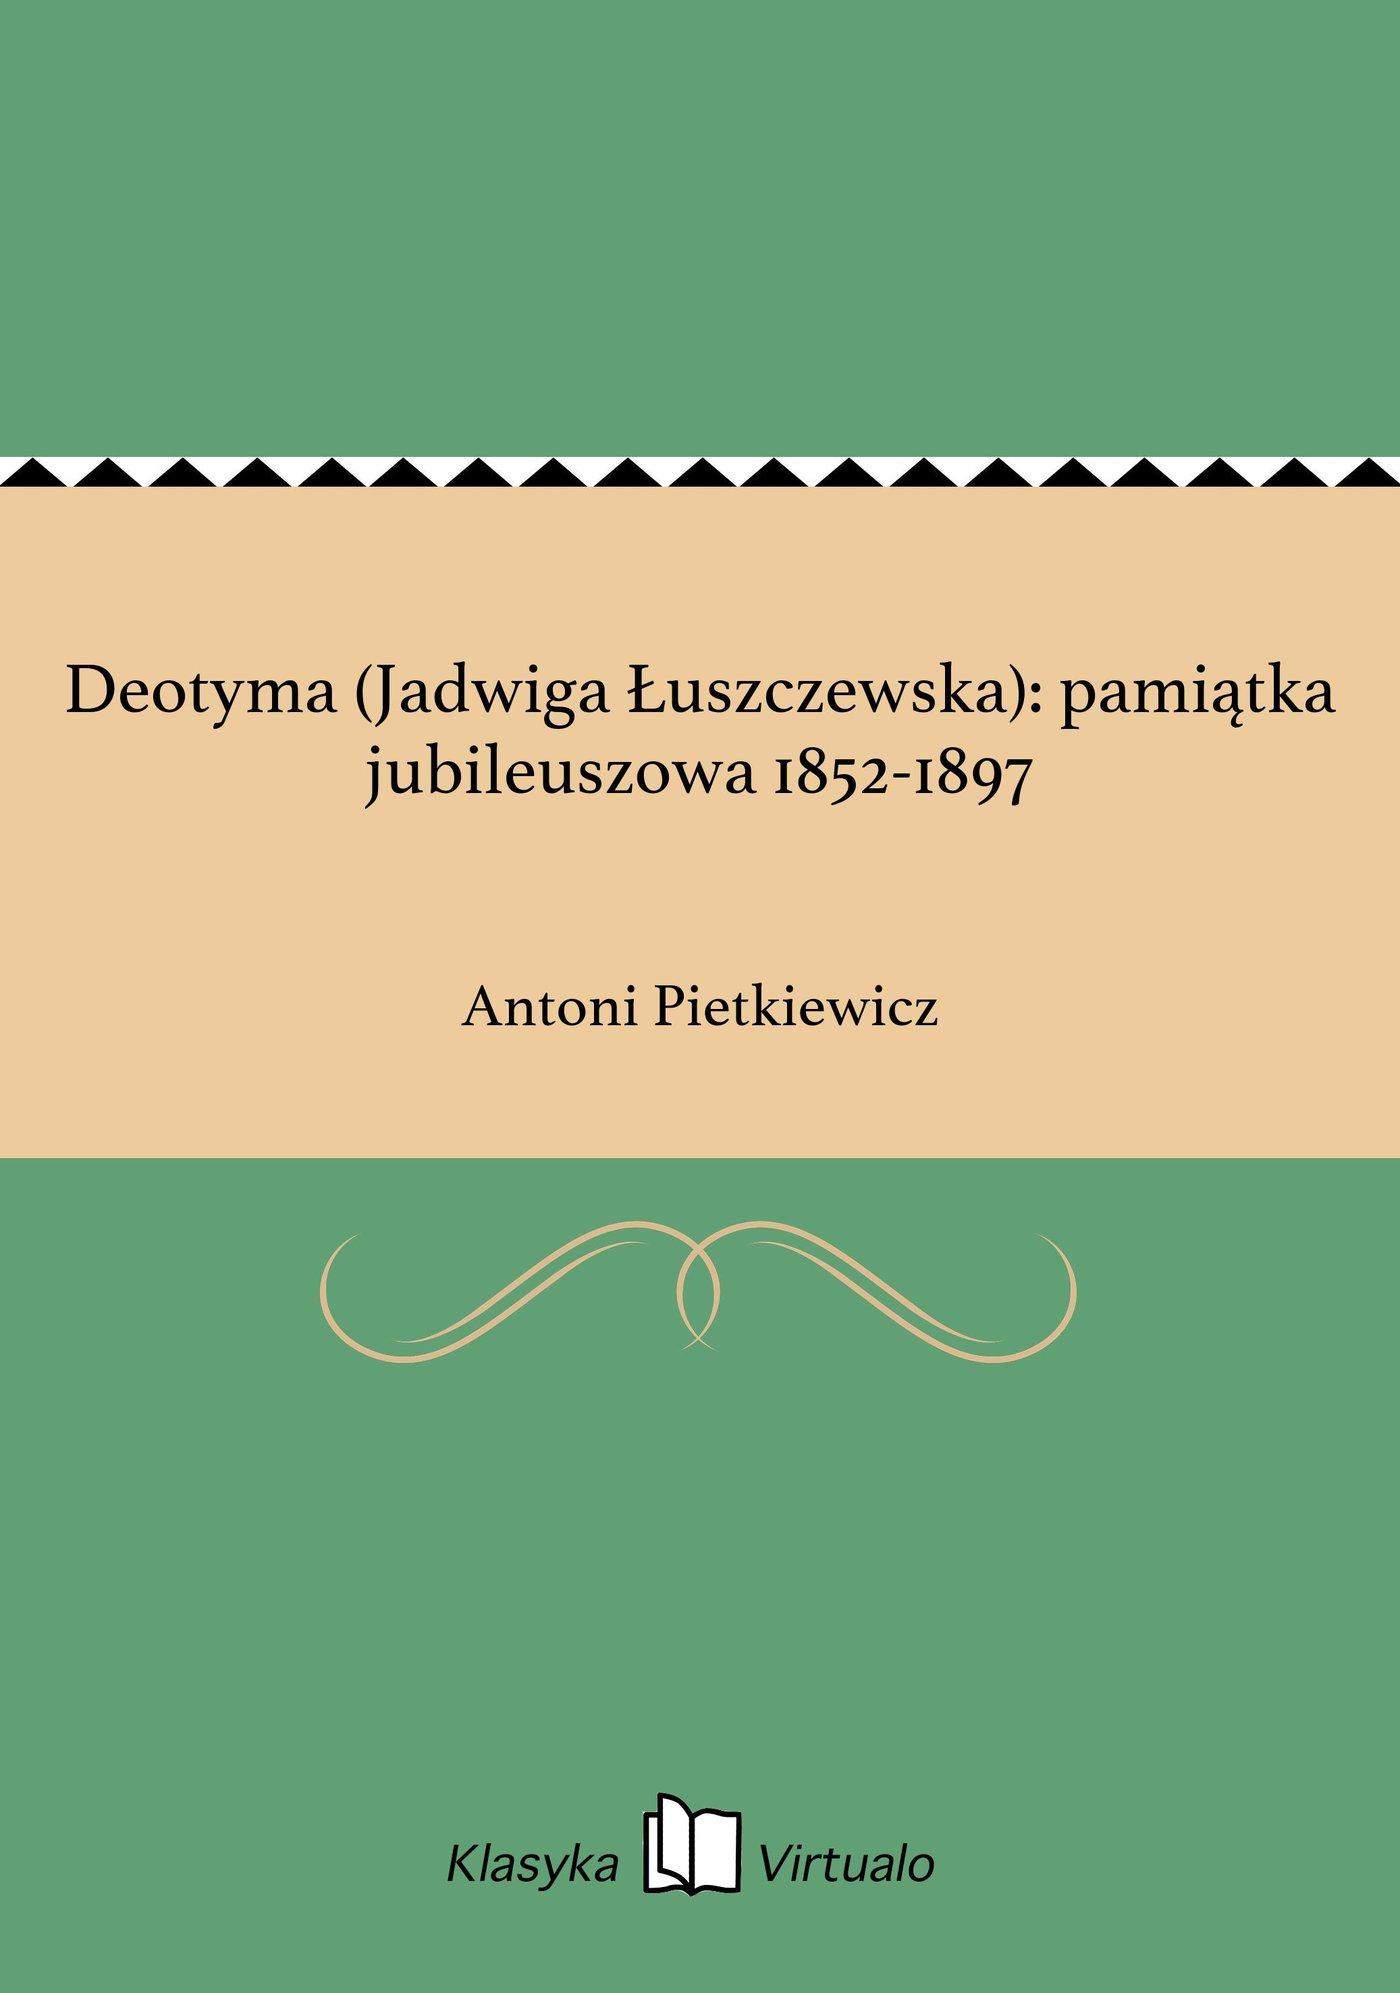 Deotyma (Jadwiga Łuszczewska): pamiątka jubileuszowa 1852-1897 - Ebook (Książka na Kindle) do pobrania w formacie MOBI